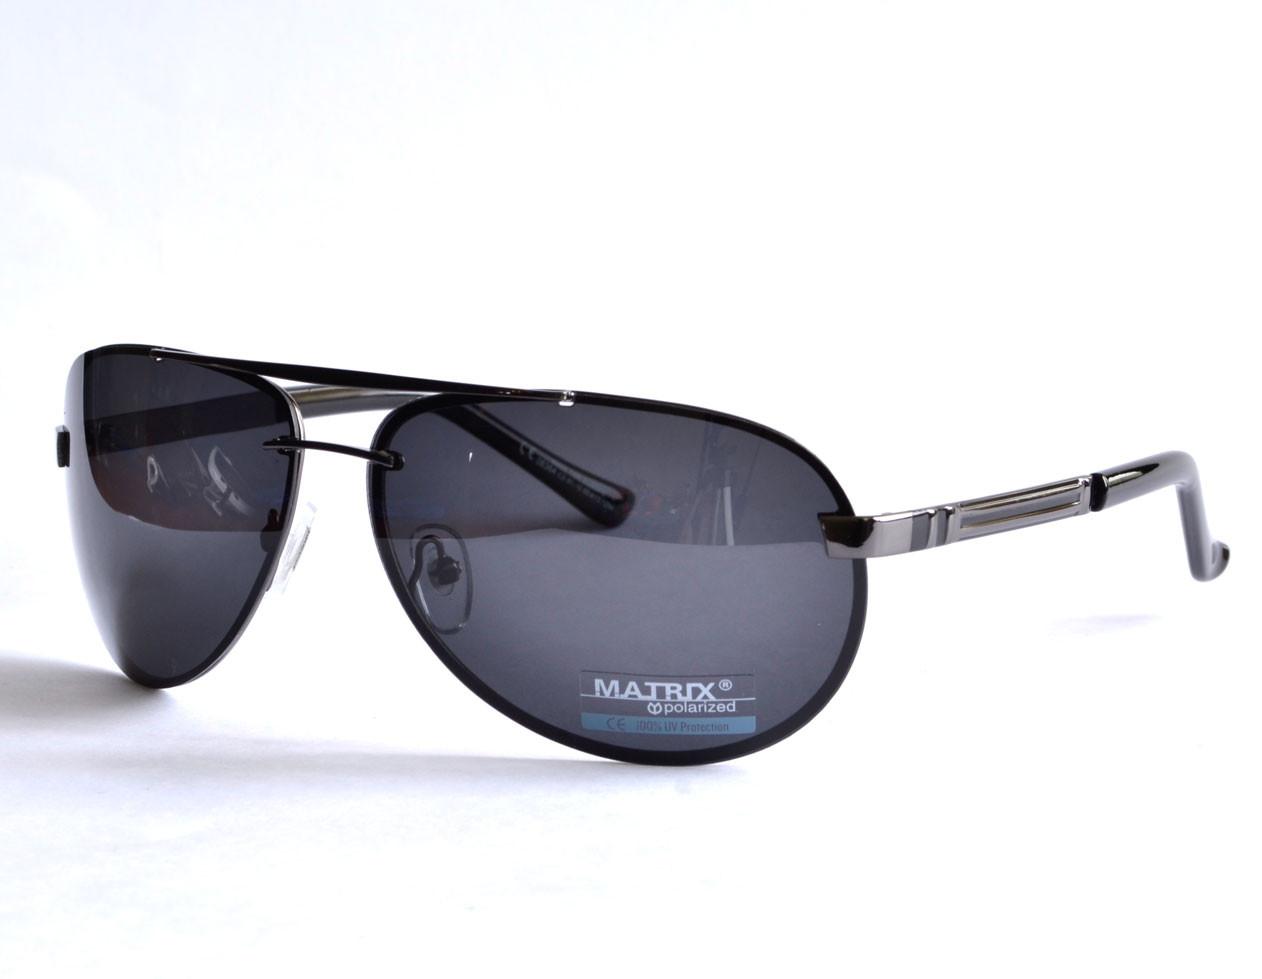 Модные солнцезащитные очки Matrix Polarized 08364